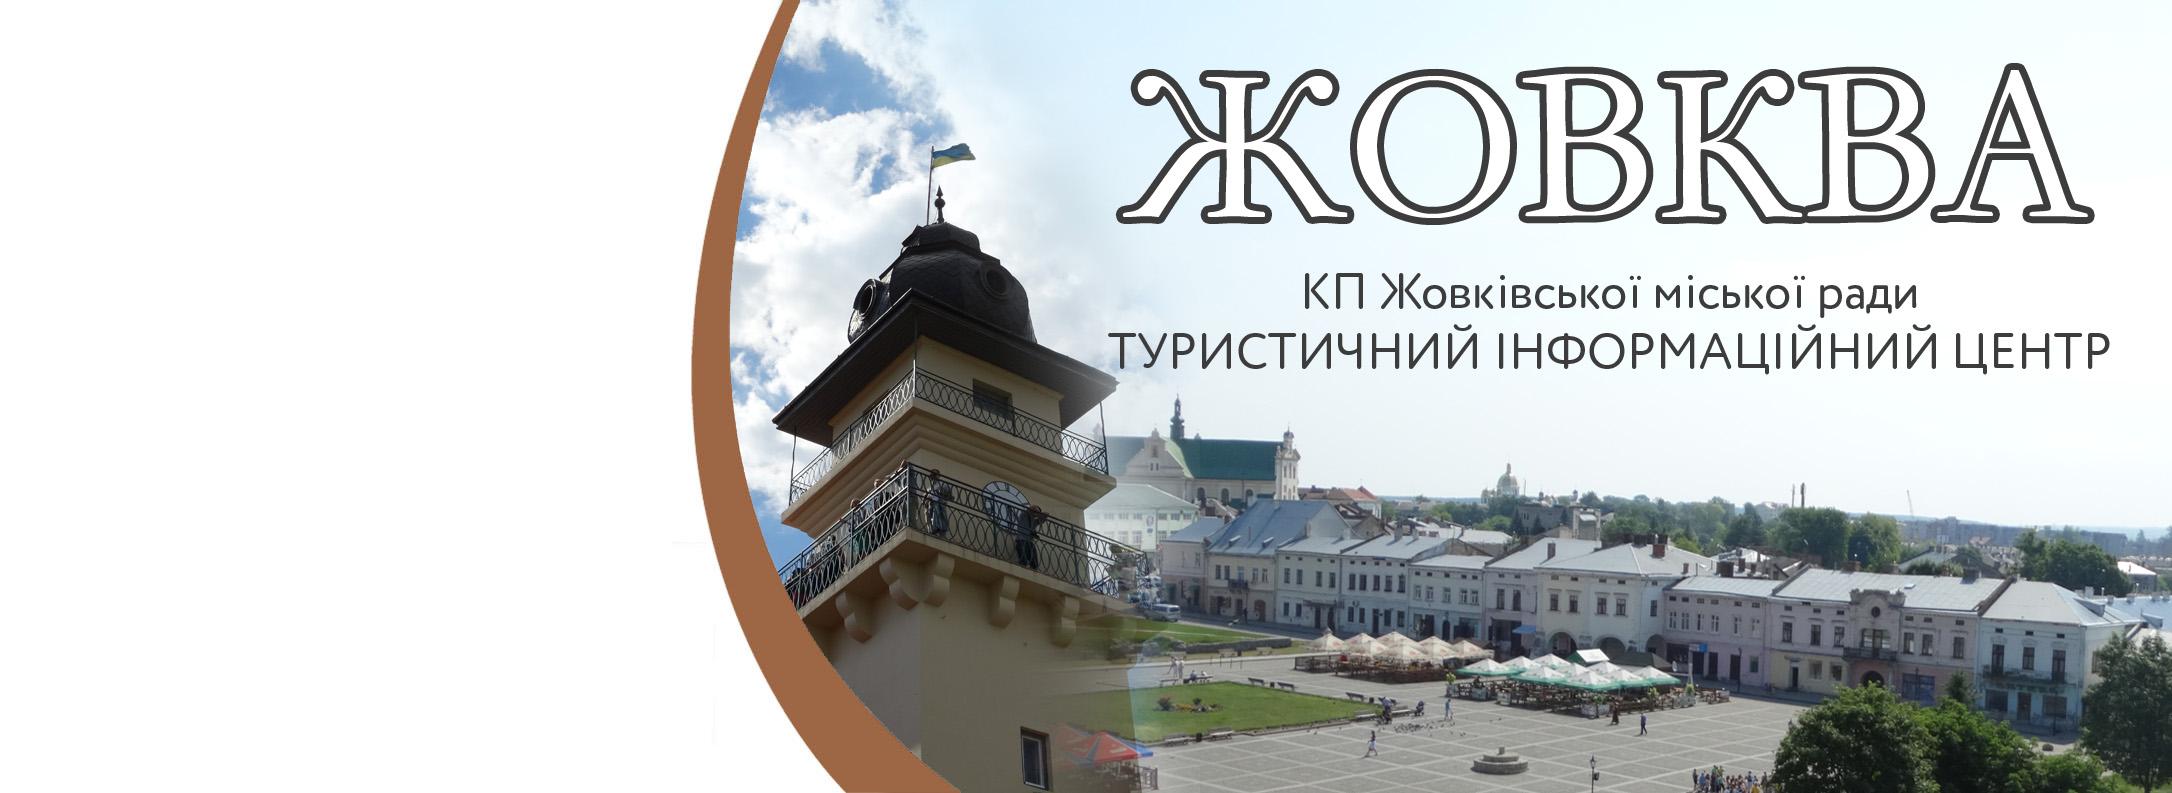 Туристичний інформаційний центр. Жовква. Львів